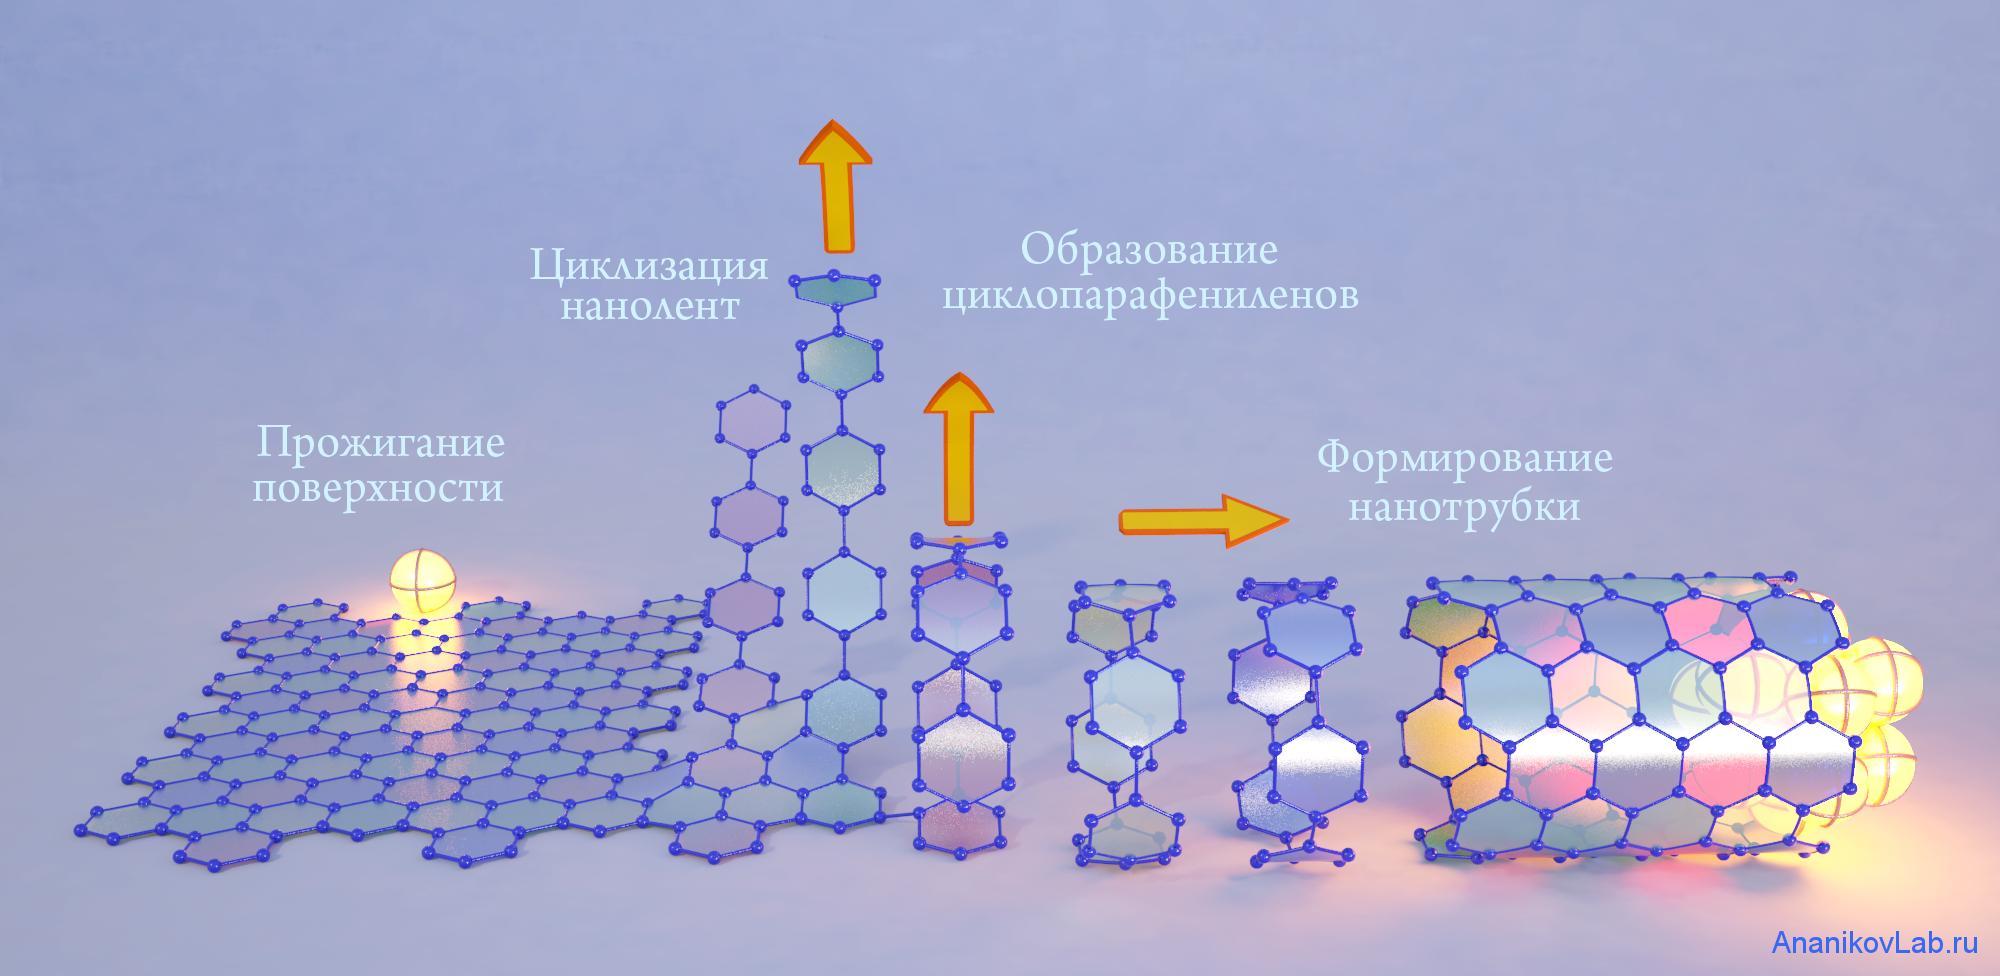 Разогретые до высокой температуры наночастицы металлов инициируют «разрезание» графенового слоя